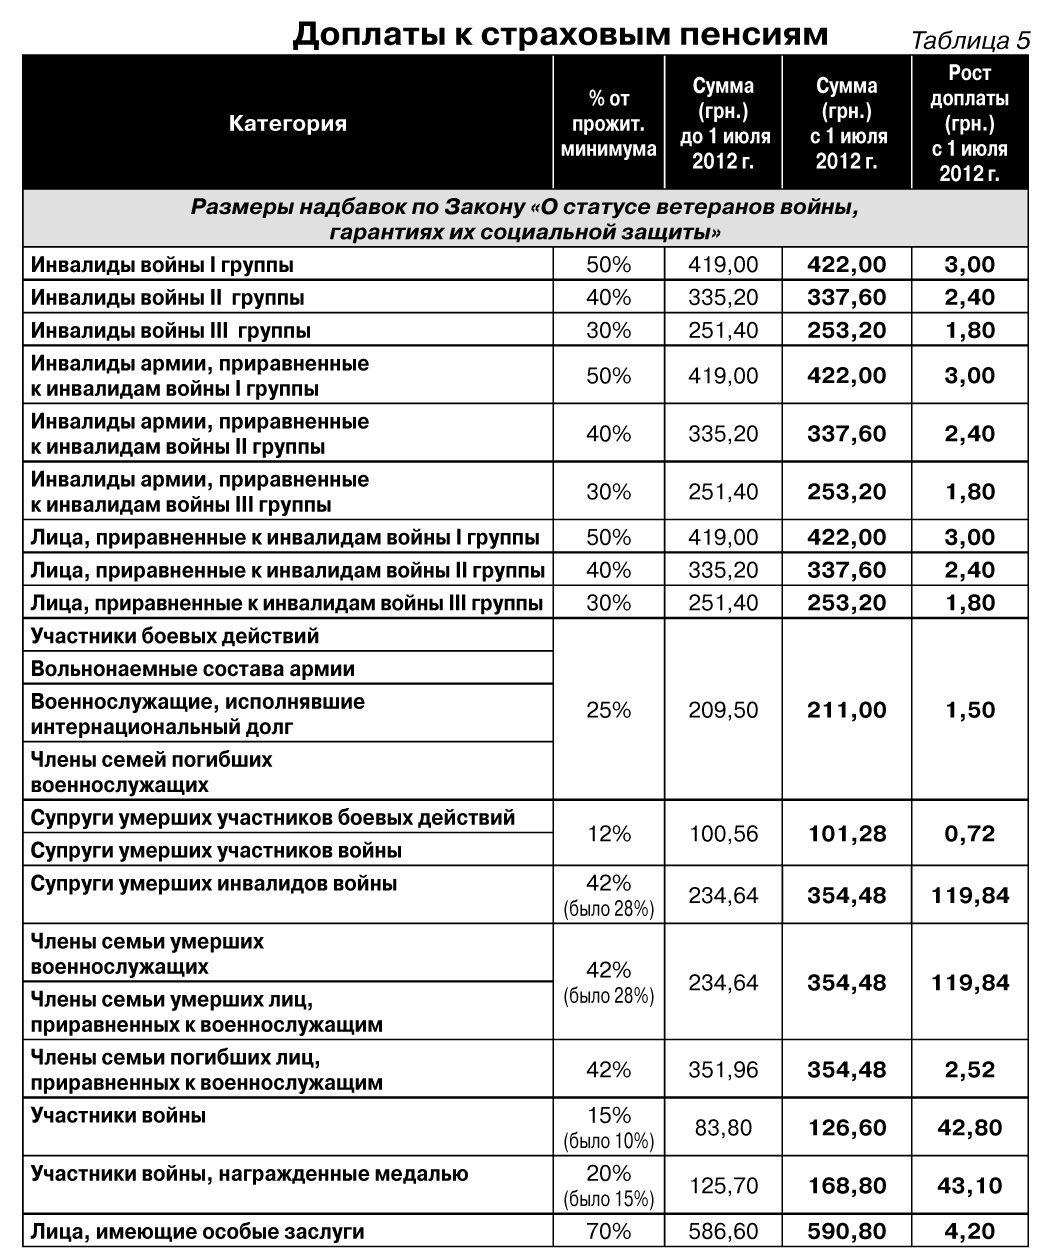 Доплата к основной пенсии инвалиду 1 группы того